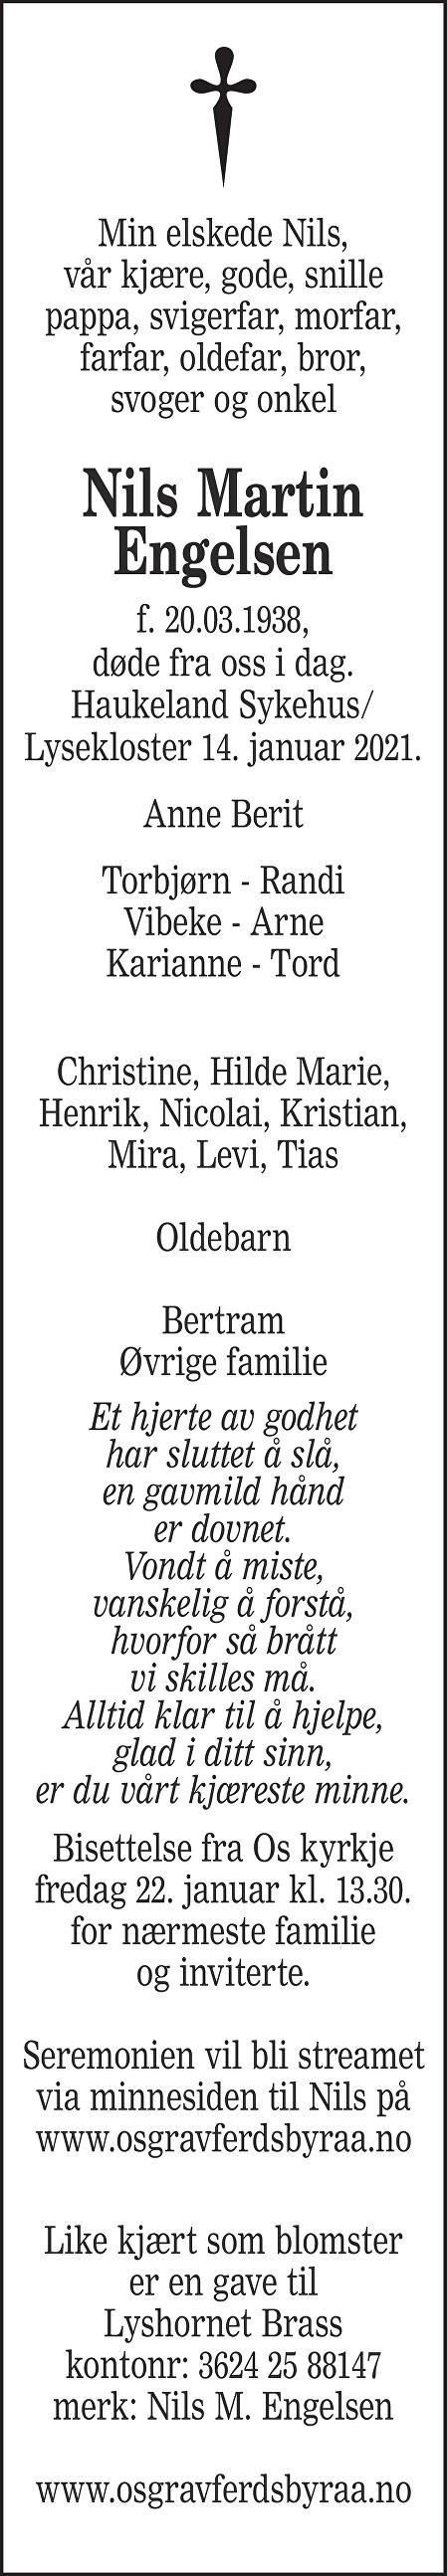 Nils Martin Engelsen Dødsannonse